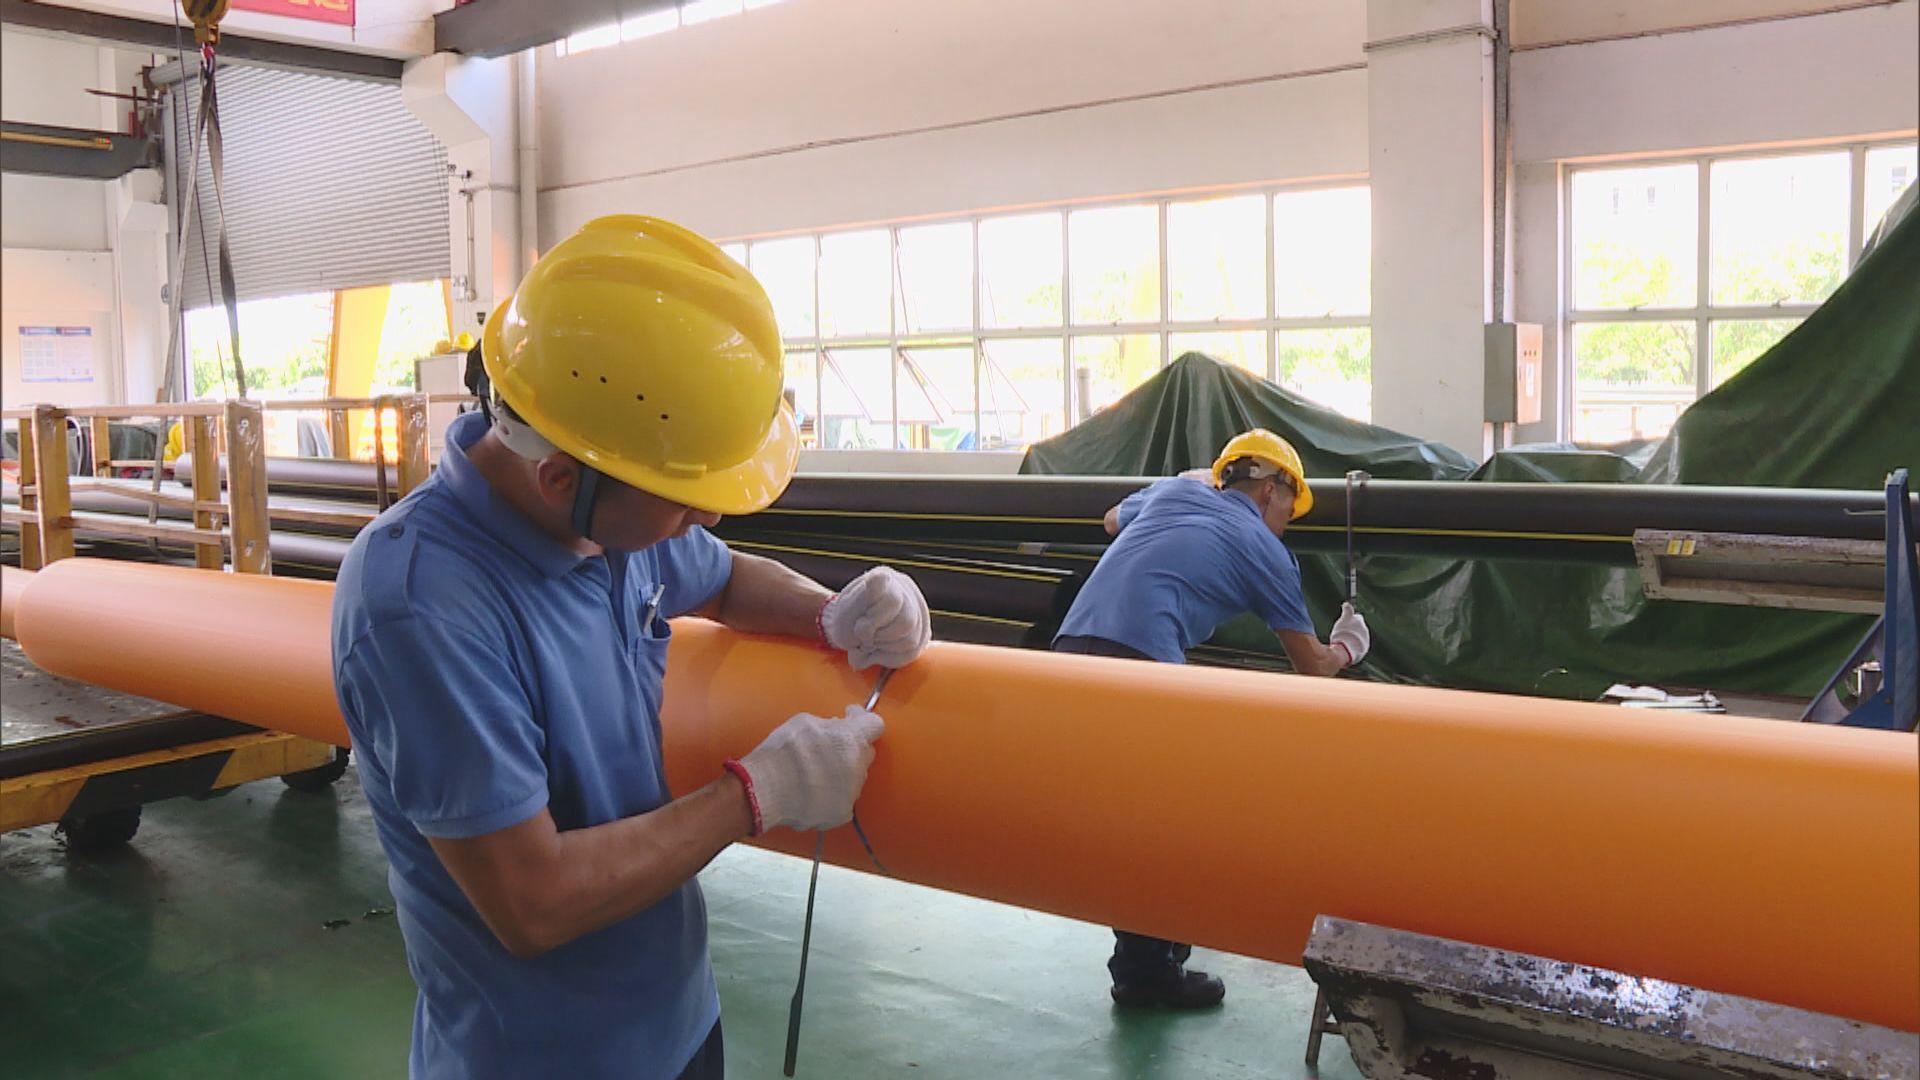 【國策帶動】煤氣發展上游產業 考慮華北設廠迎合需求